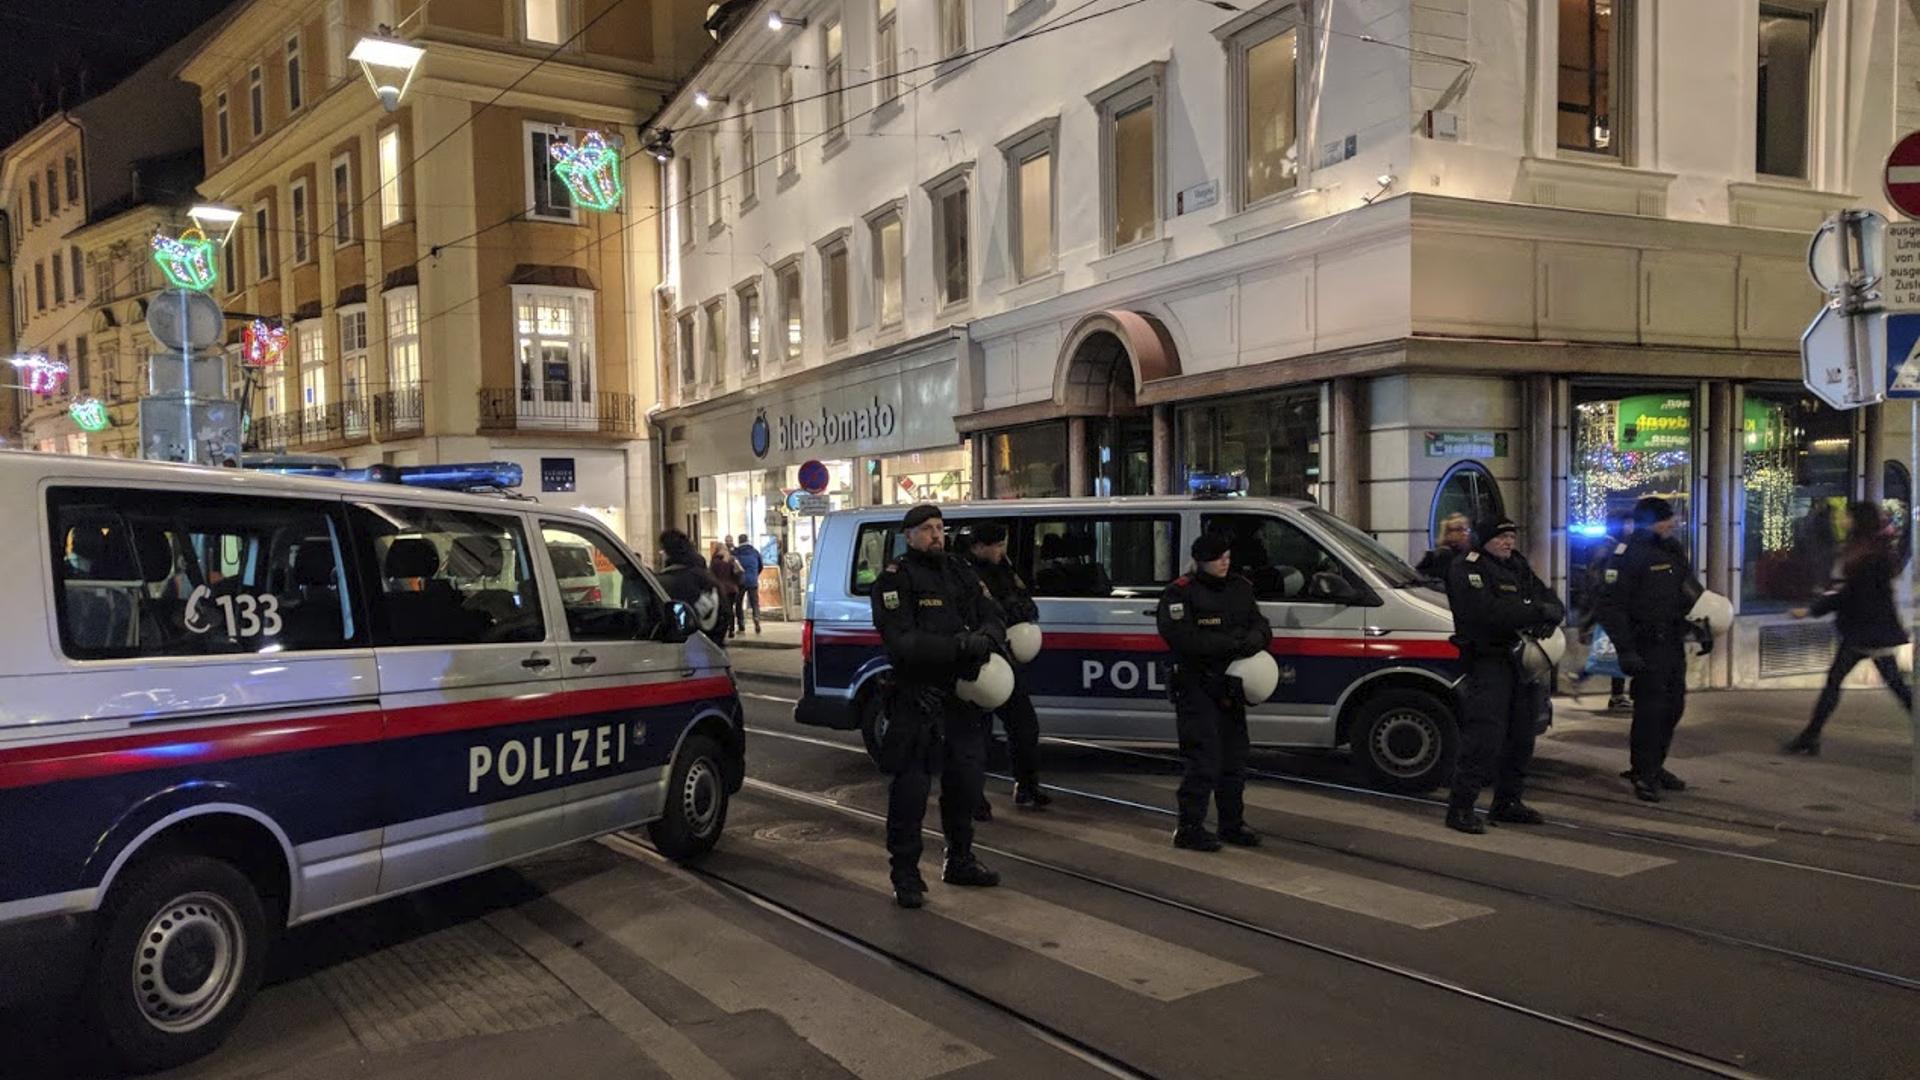 Polizeisperre-Graz-Murgasse-Donnerstagsdemo-Graz